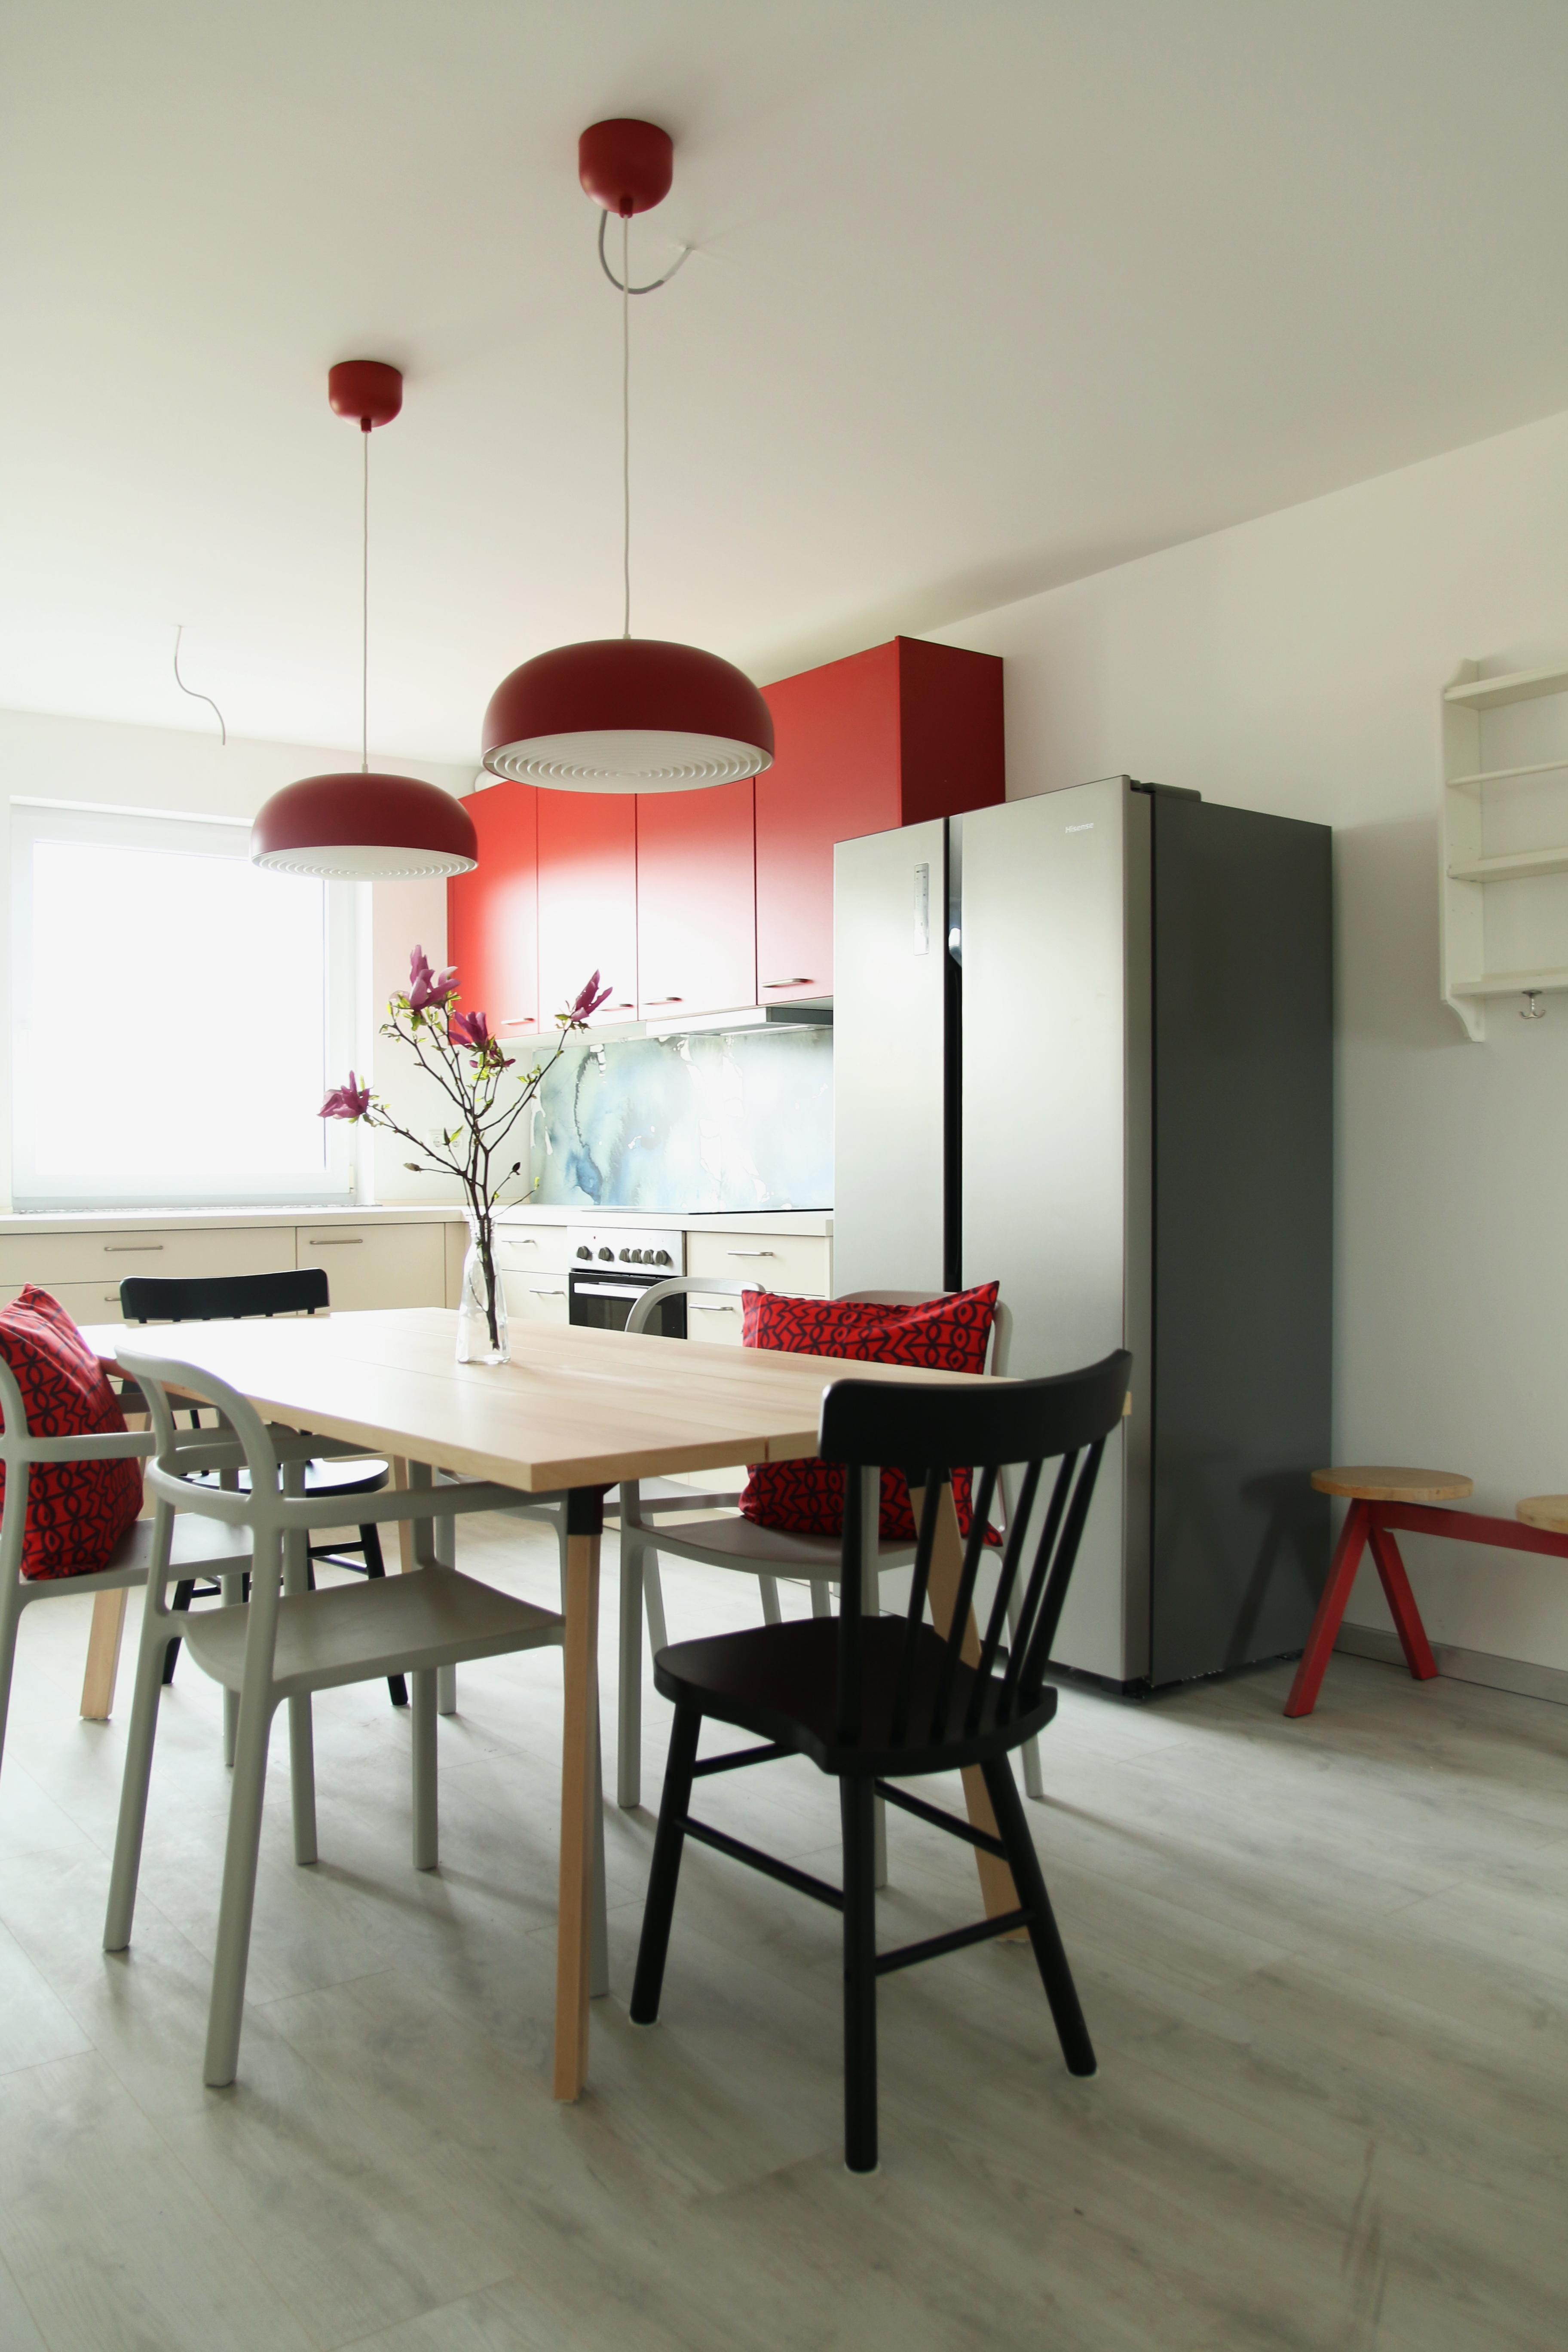 Atemberaubend Hauptküche Ideen Fotos - Ideen Für Die Küche ...